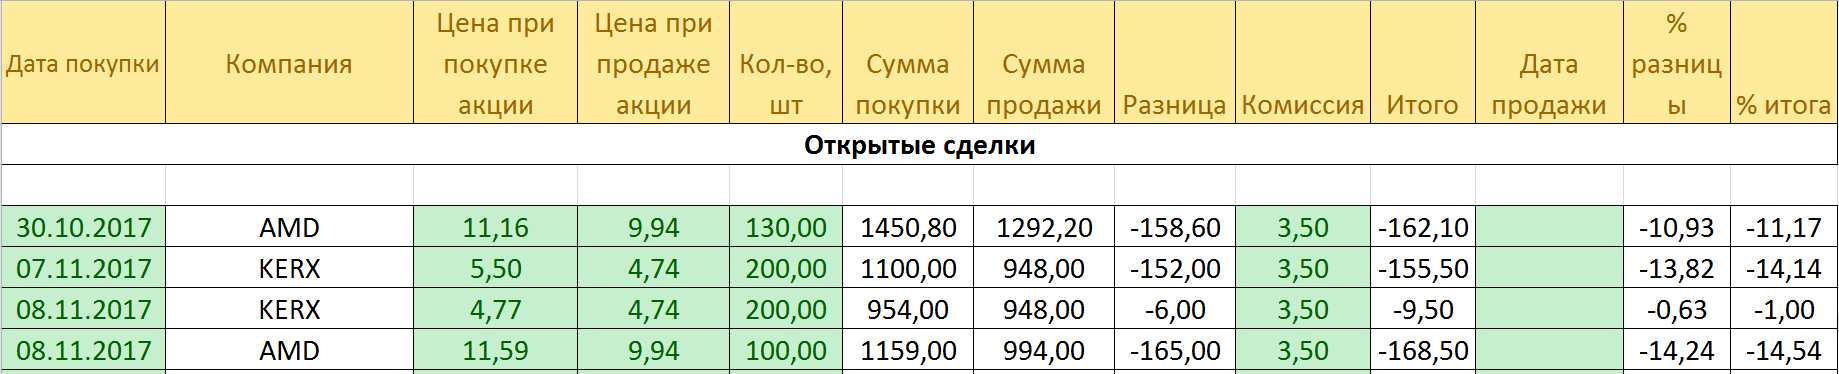 kuplennye akcii 10.12.17